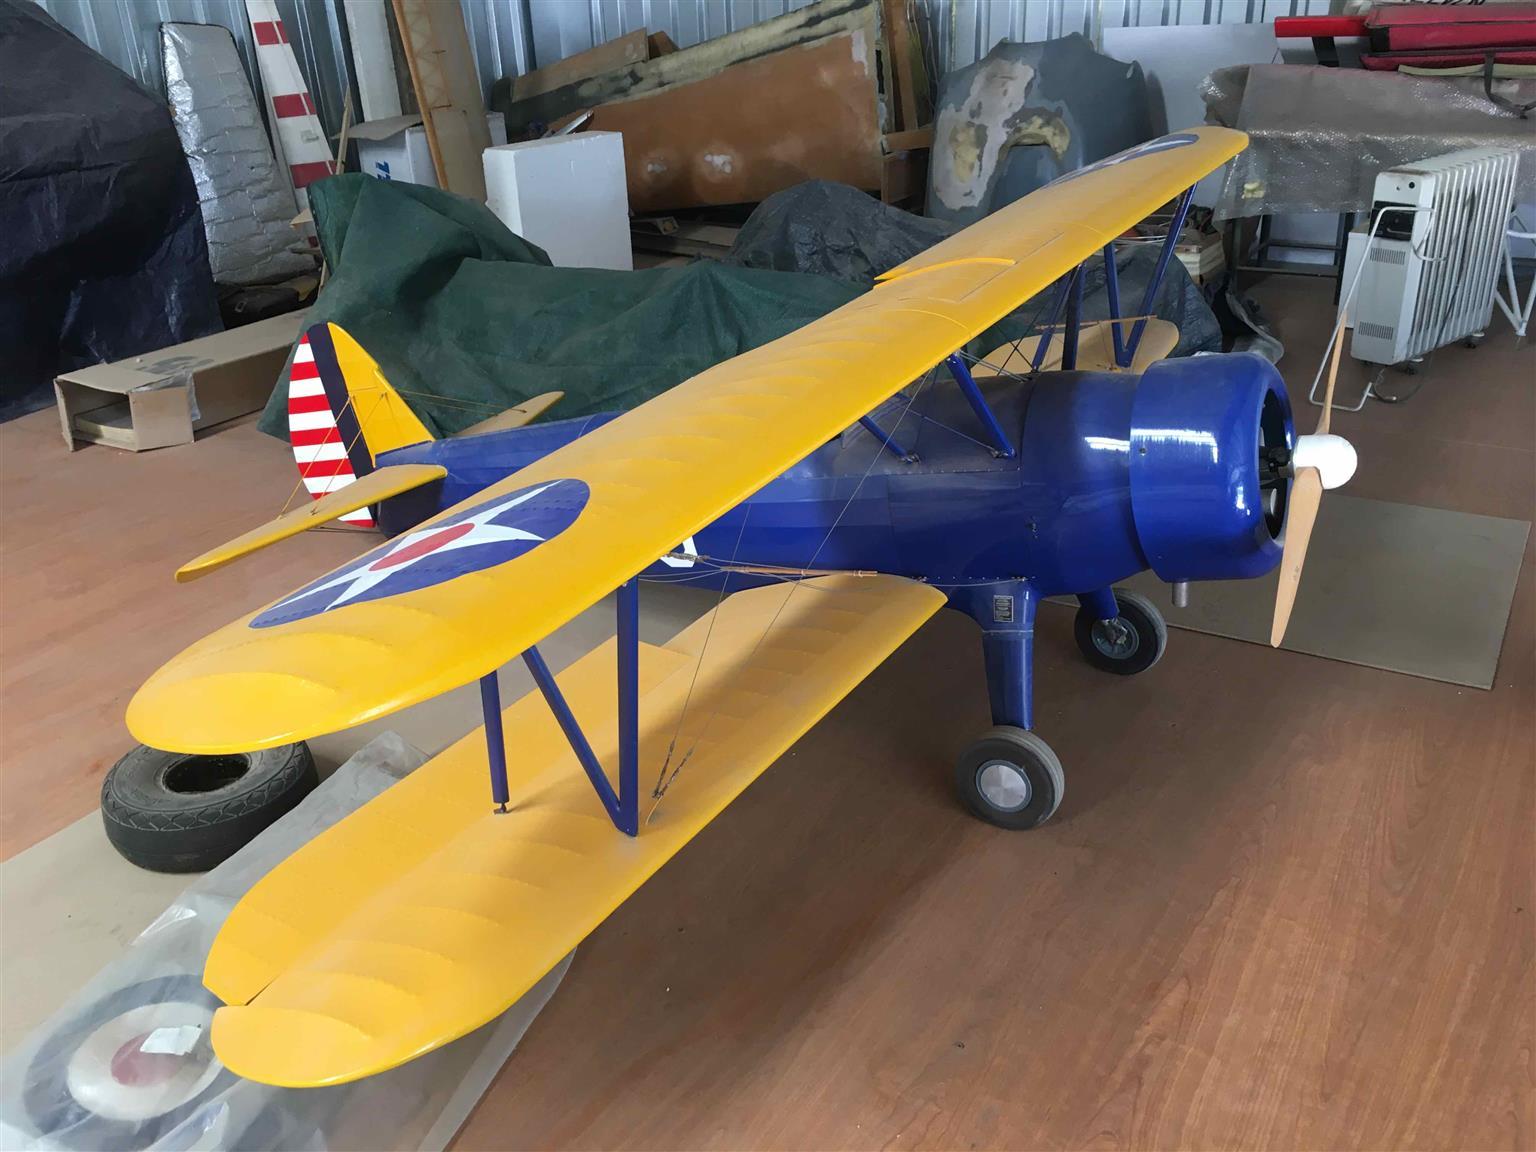 Giant Scale RC Model Boeing Stearman